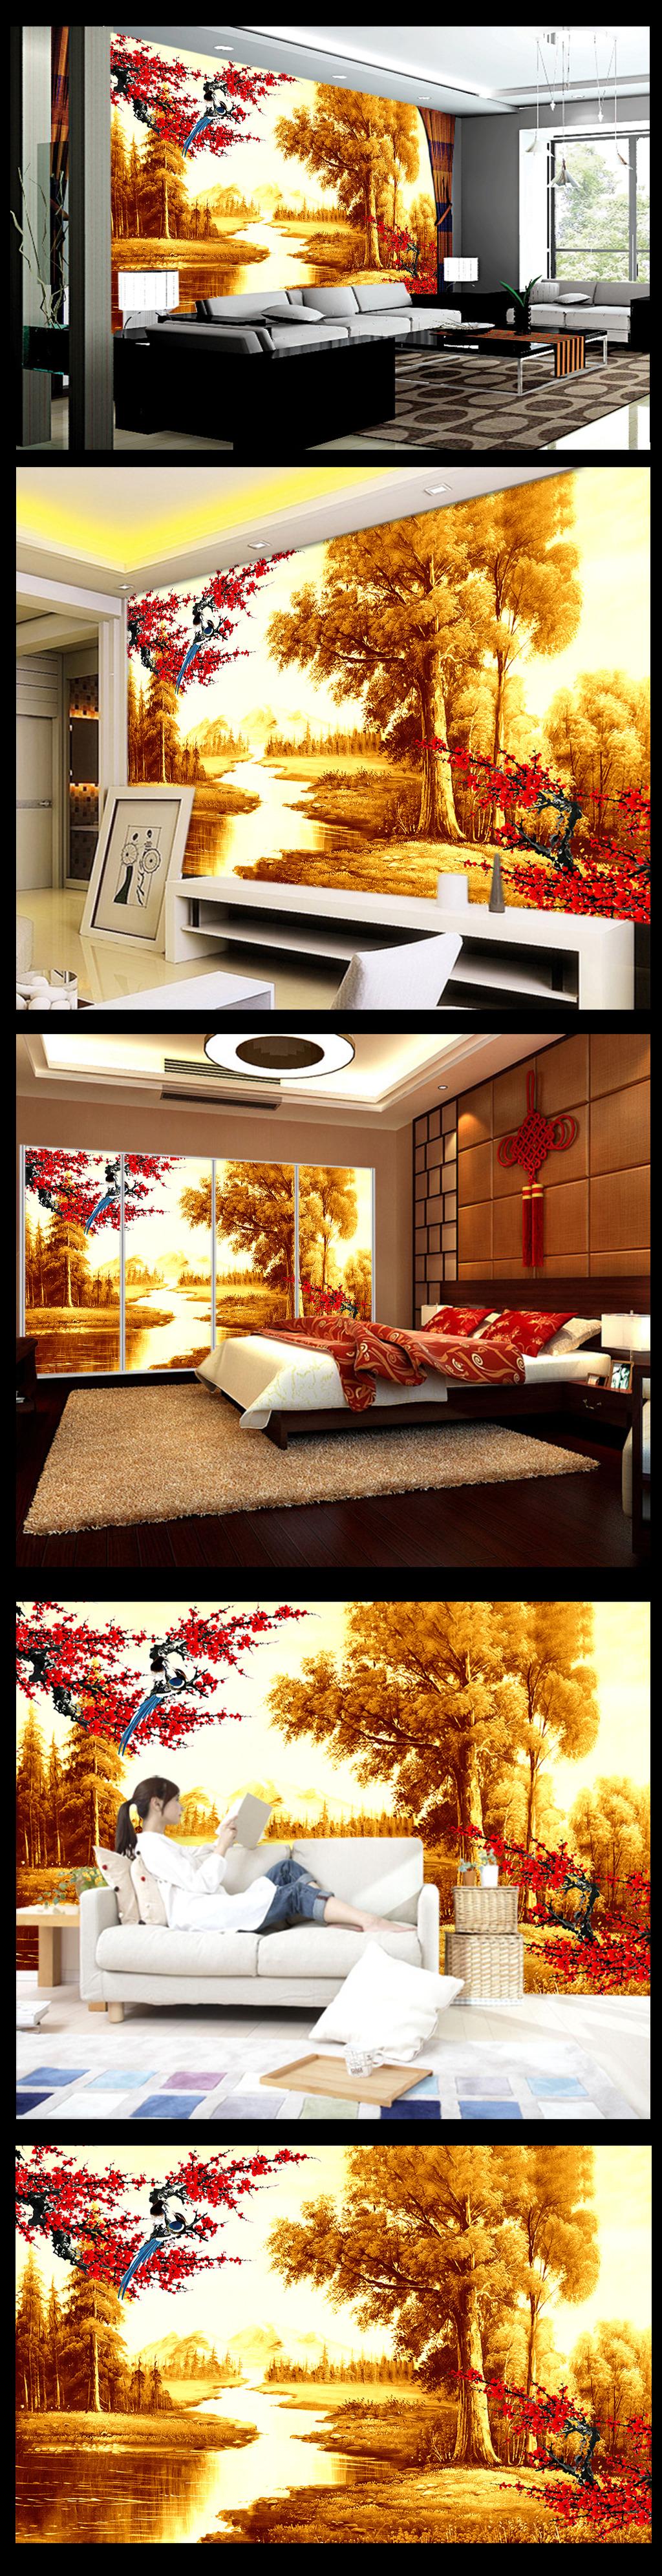 意境风景油画欧式客厅电视沙发背景墙装饰画